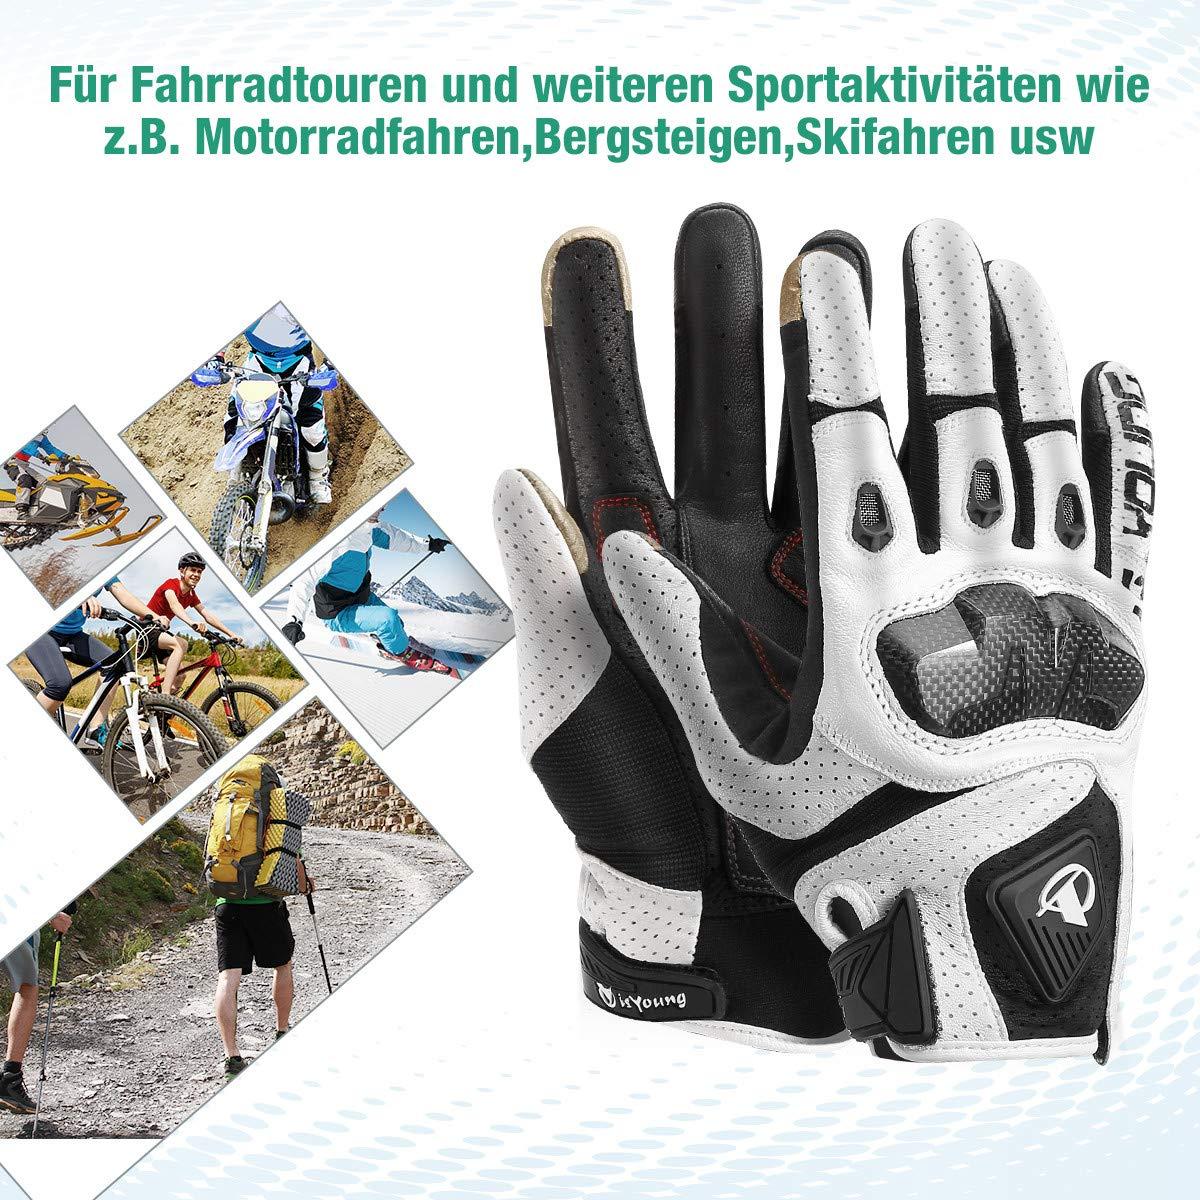 isYoung Touchscreen Fahrradhandschuhe geeiget für Radsport MTB Road Race Motorrad Wandern und andere Sports Unisex Herren Damen L Weiß